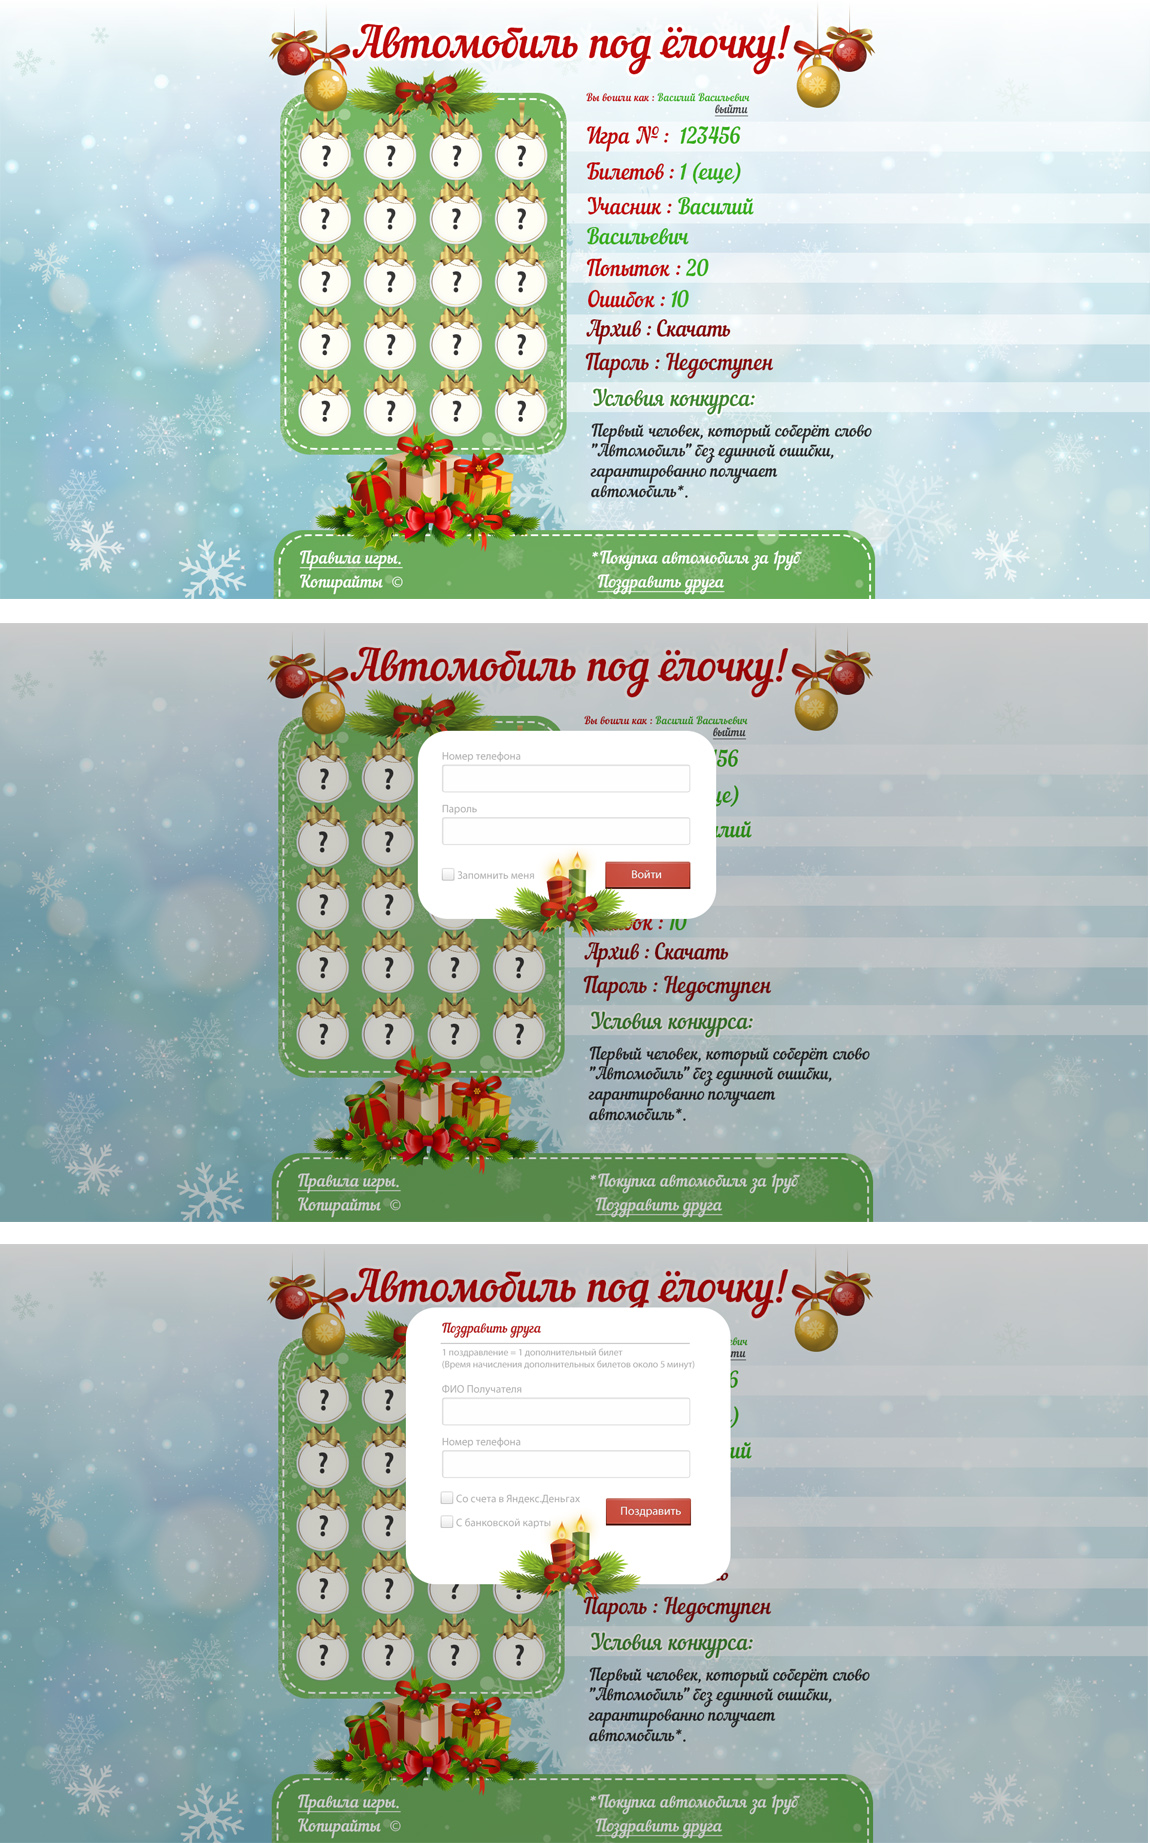 Дизайн новогодней лотереи